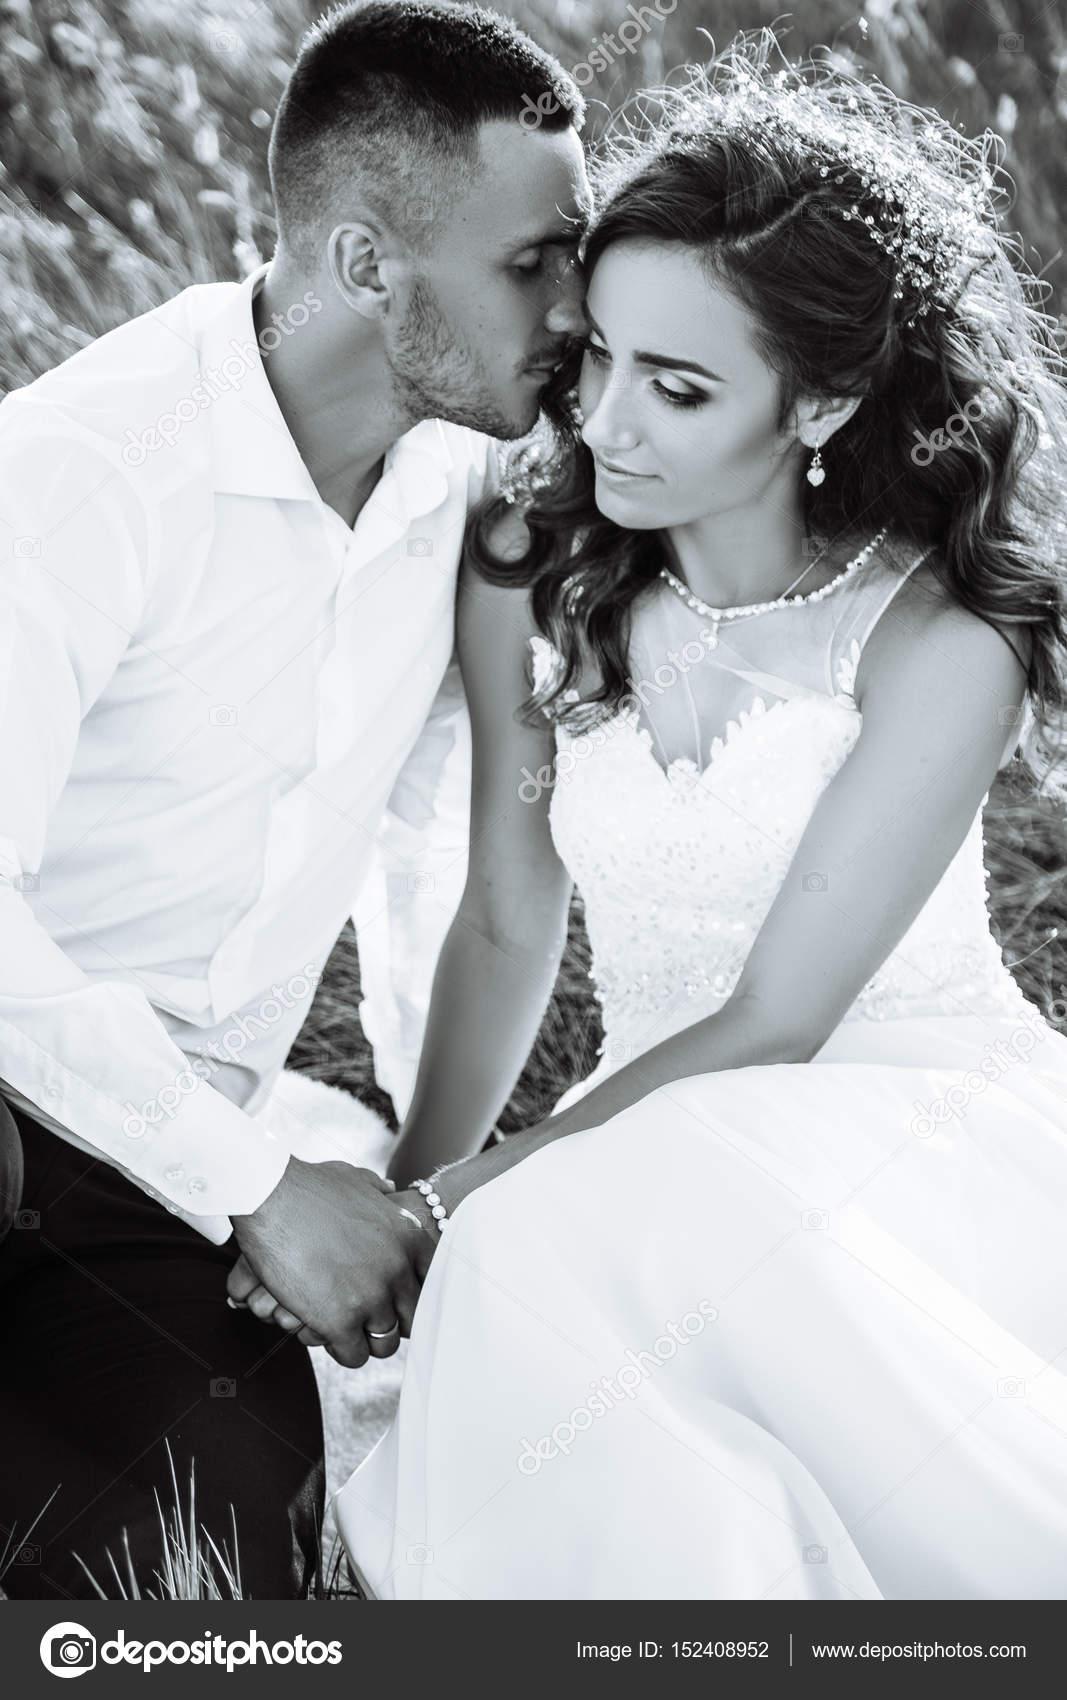 Beau couple dans le champ, amateurs ou jeunes mariés posant sur coucher de  soleil avec un ciel parfait. Émotions réelles.